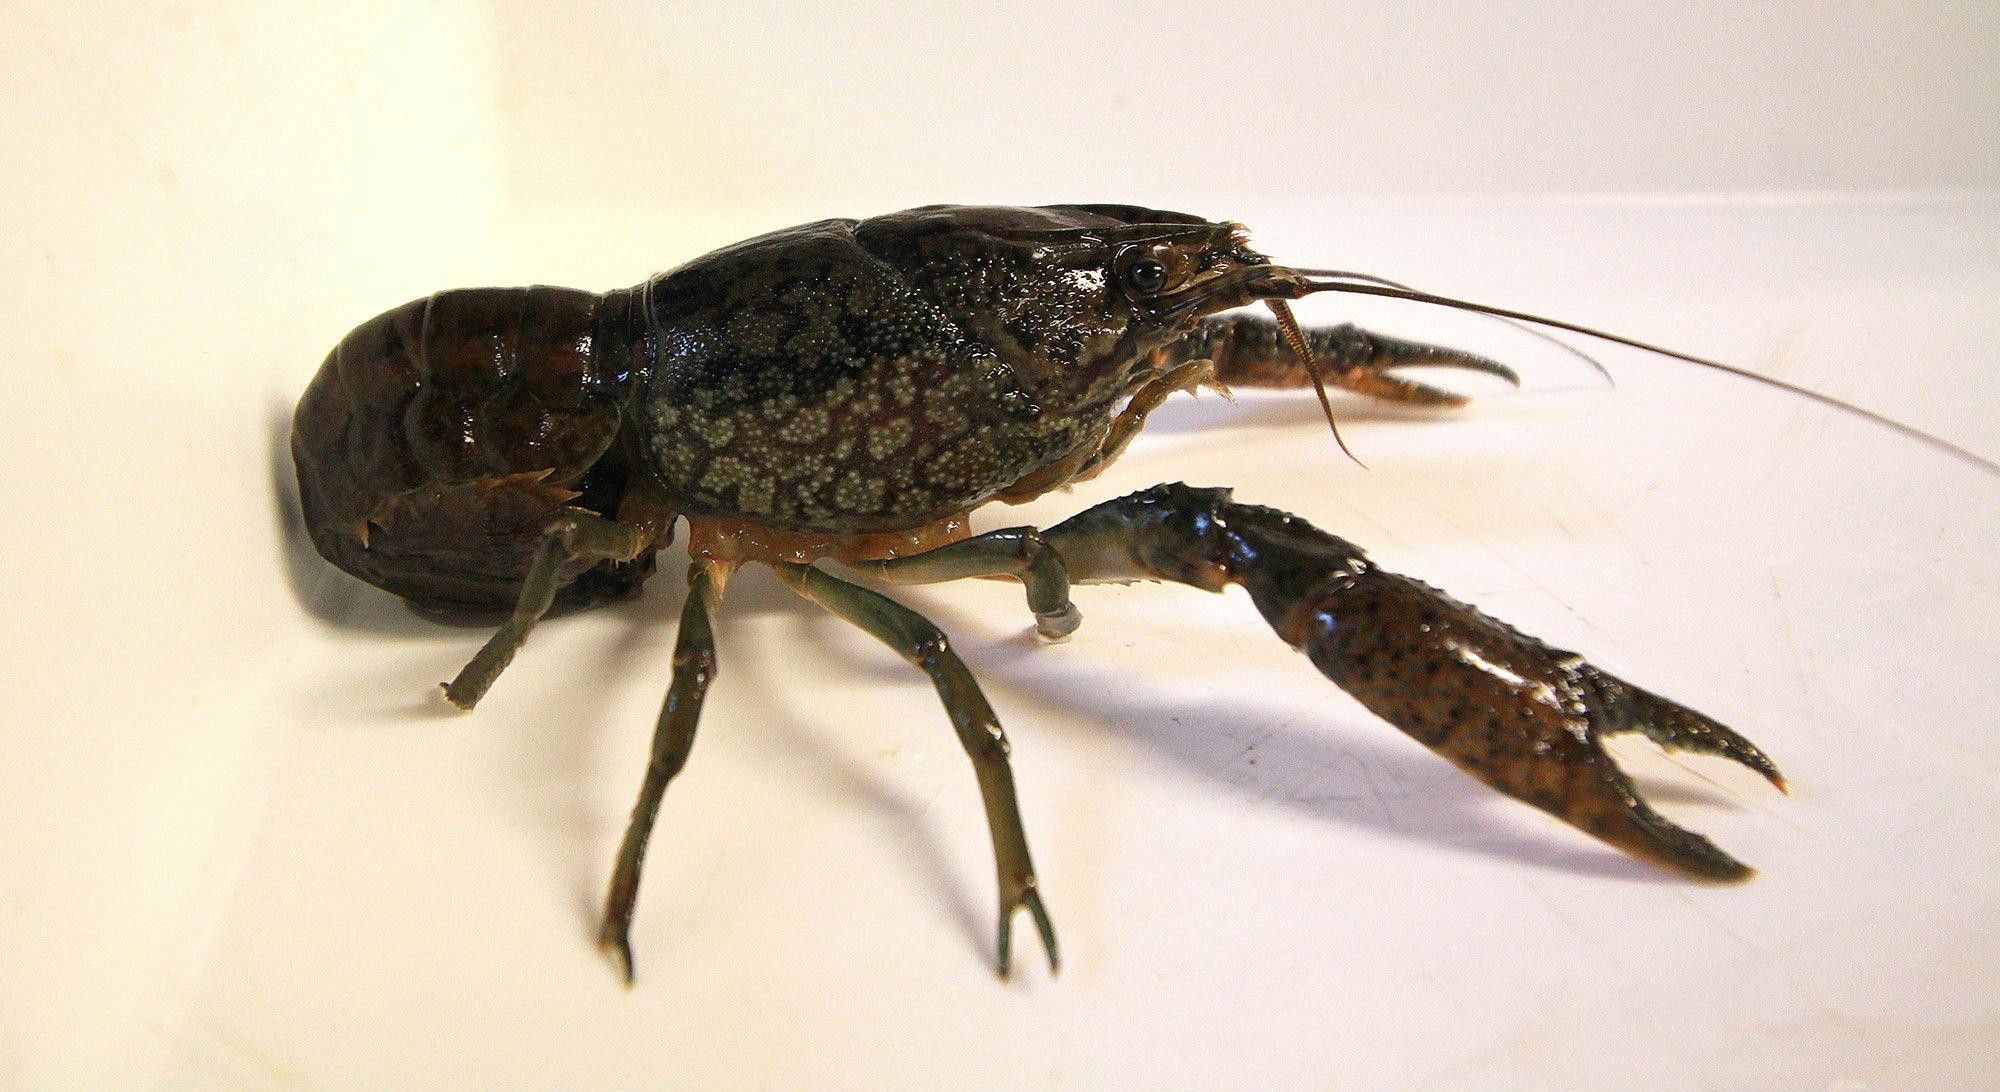 Invasiv krebseart fundet i Danmark